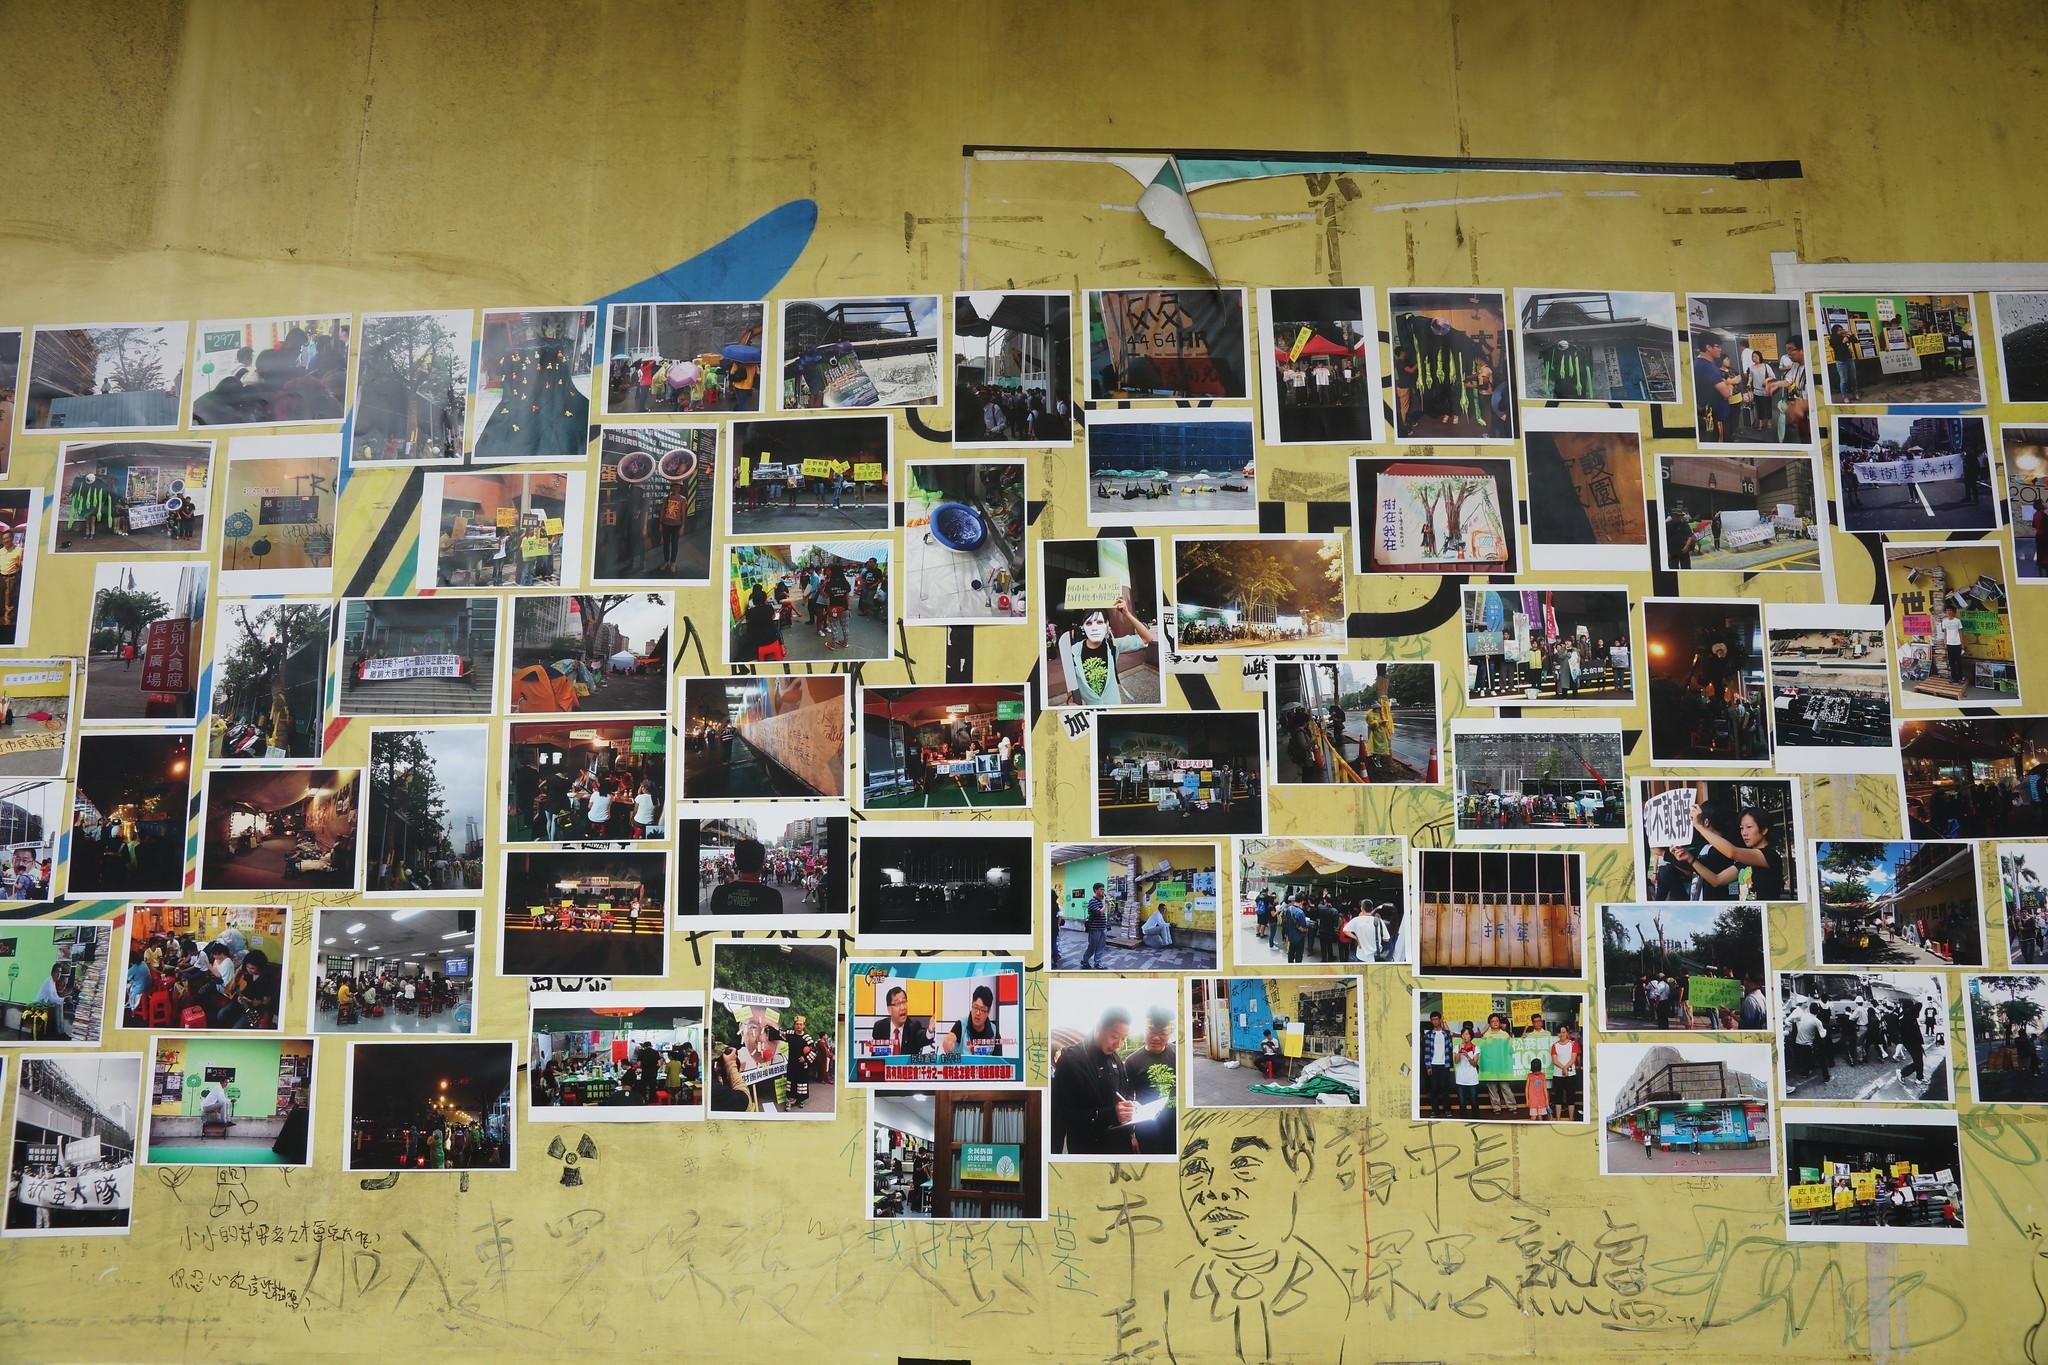 松菸護樹的抗爭影像紀錄展,就在大巨蛋工地光復南路側的5號出口旁。(攝影:王顥中)